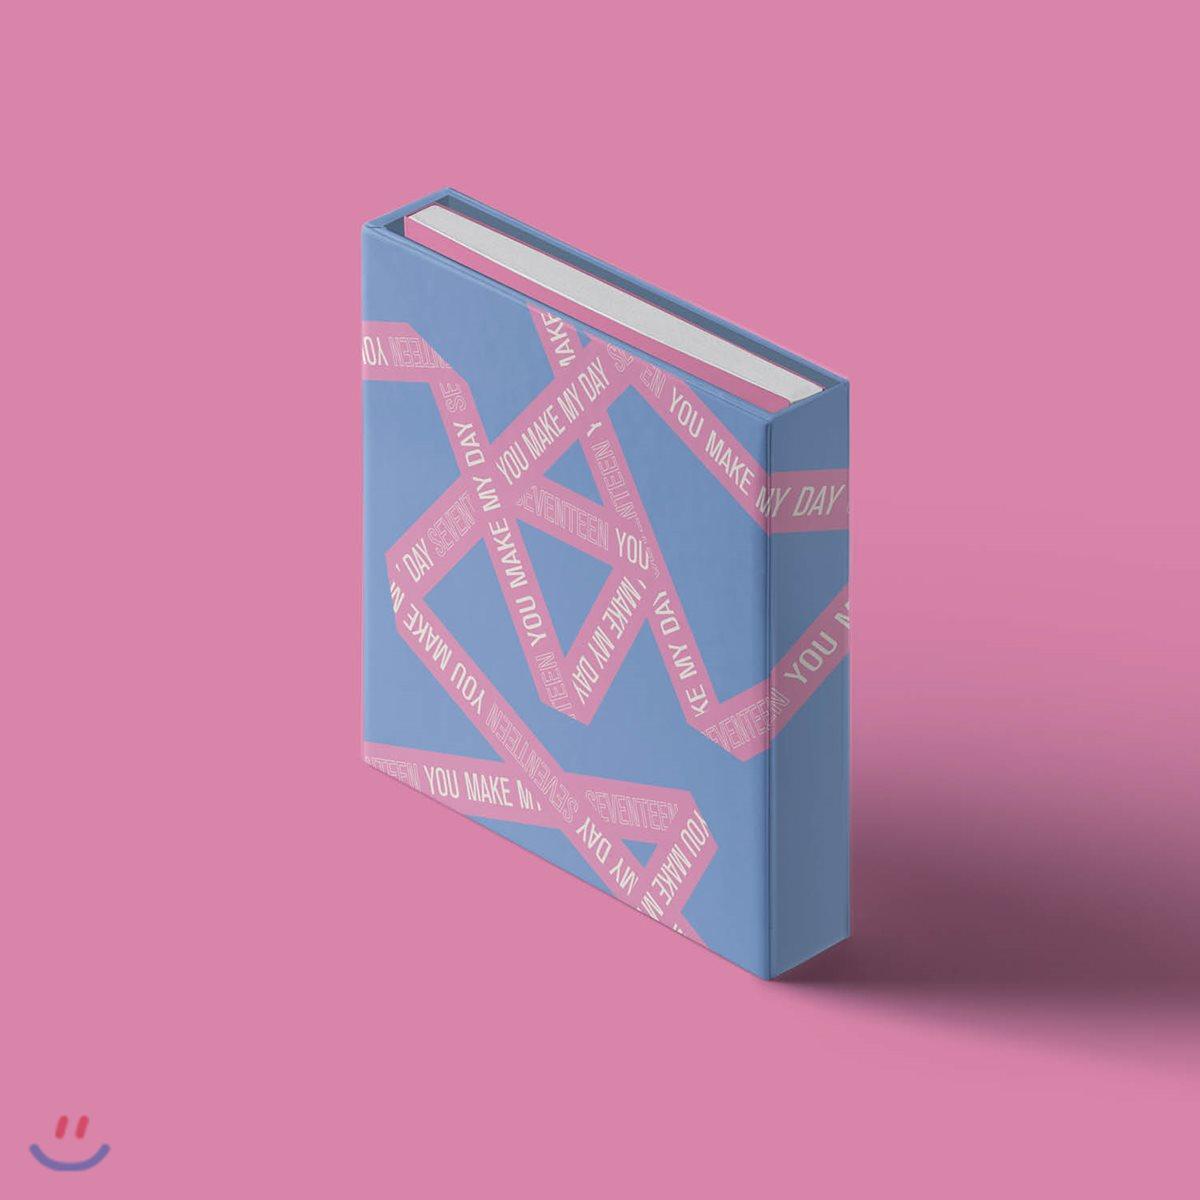 세븐틴 (Seventeen) - 미니앨범 5집 : You Make My Day [Set The Sun ver.]